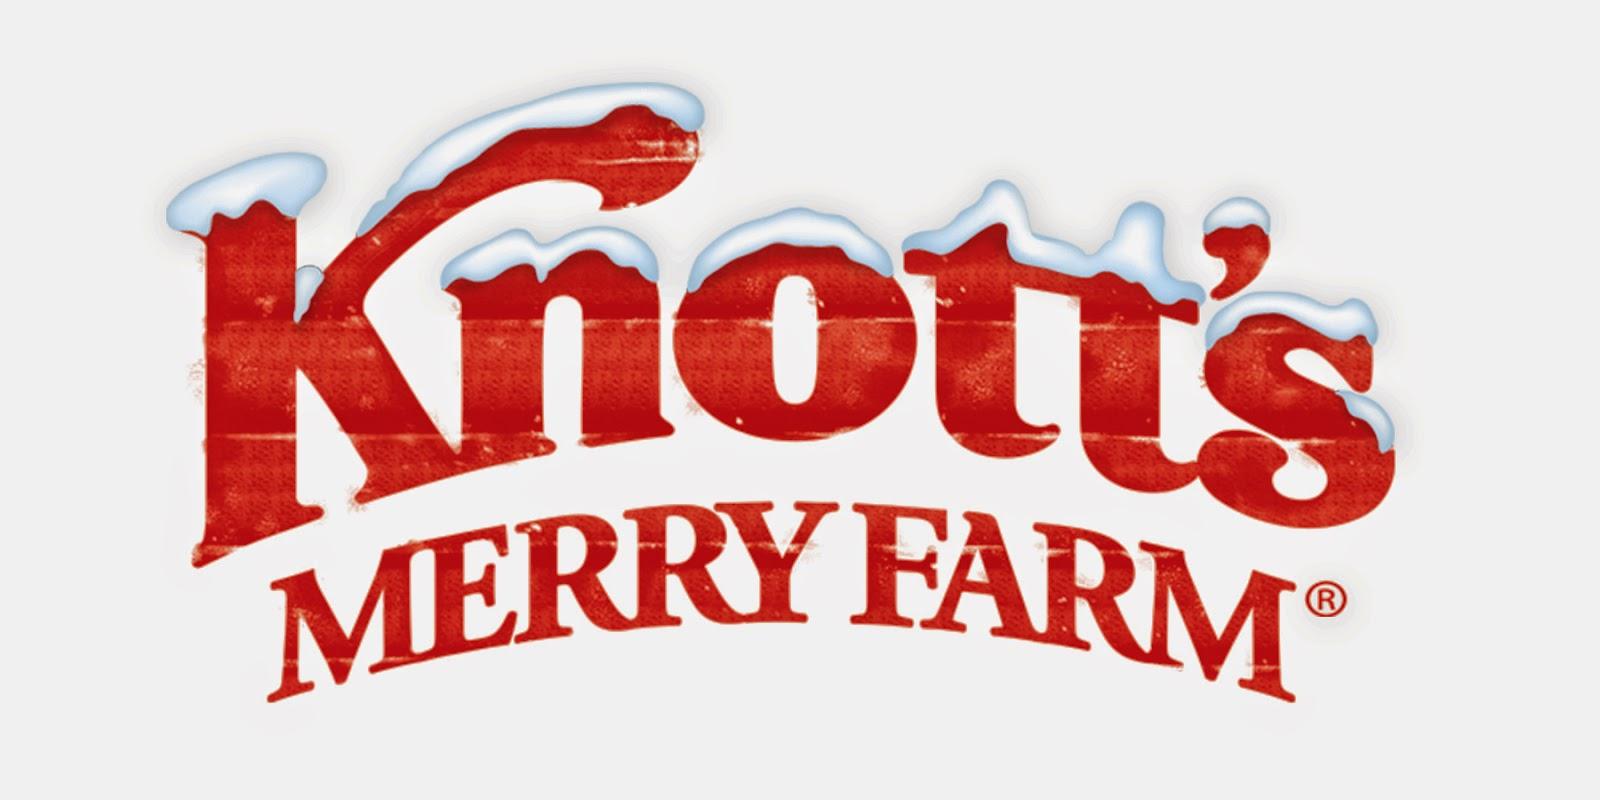 knotts merry farm